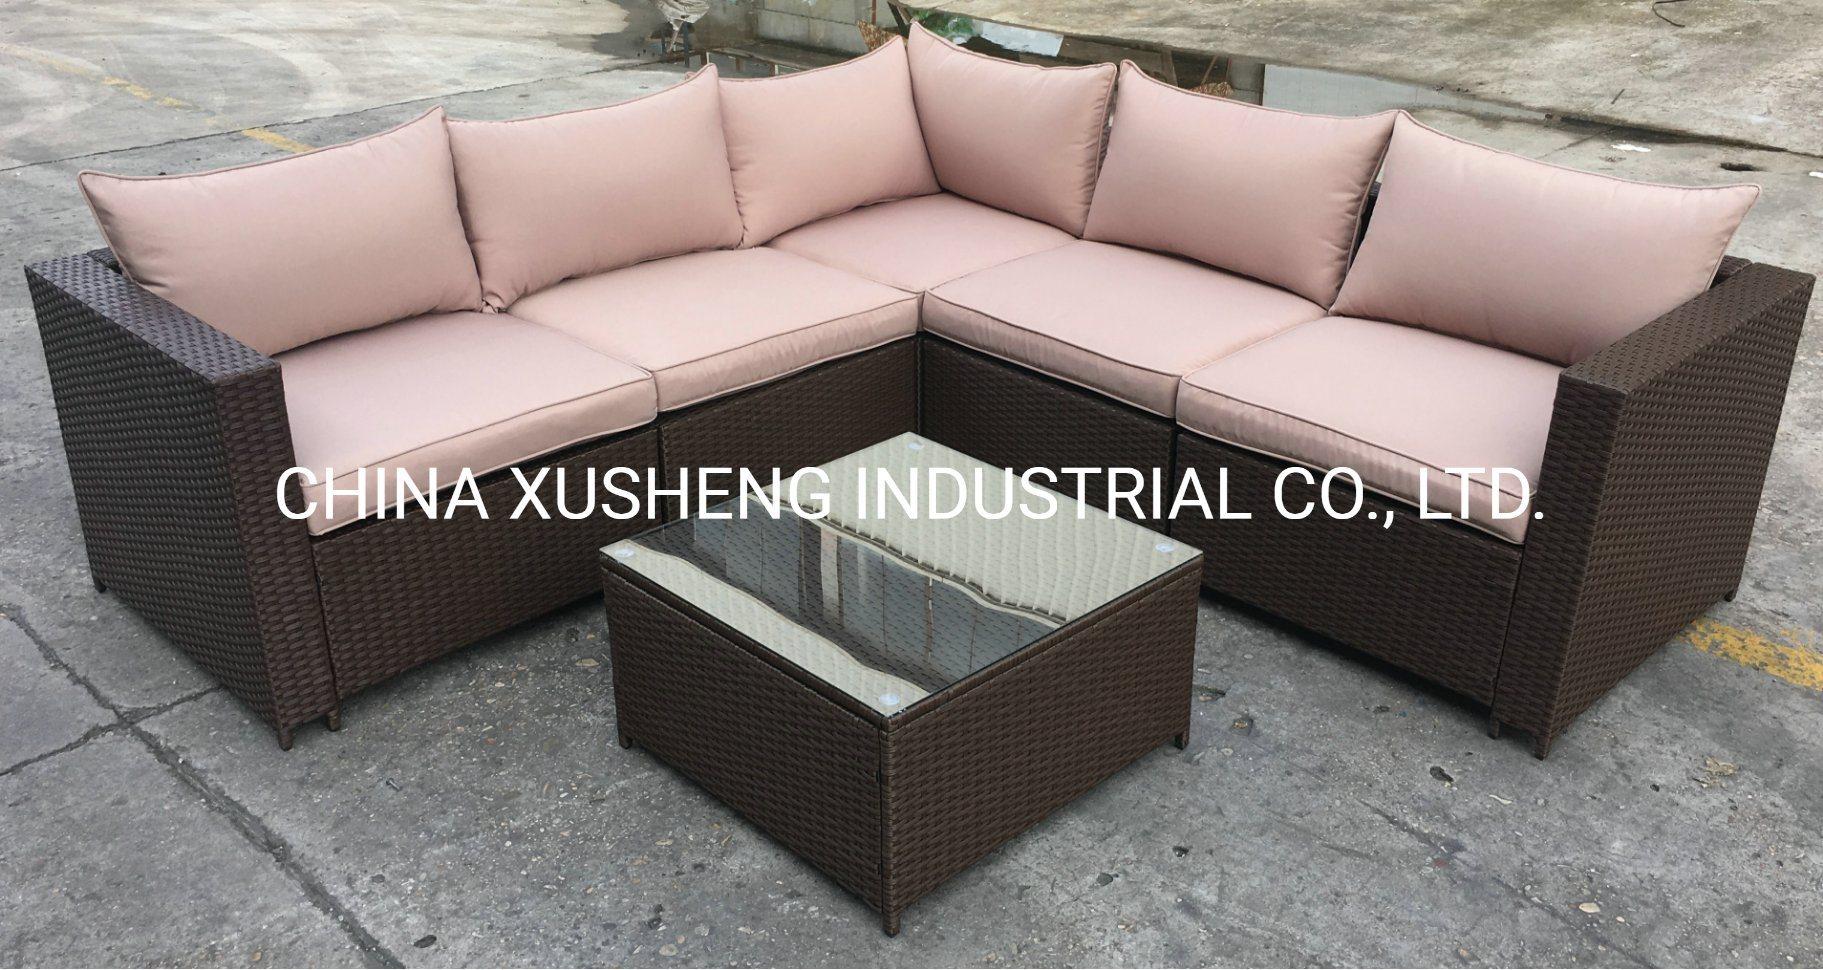 china xusheng industrial co ltd